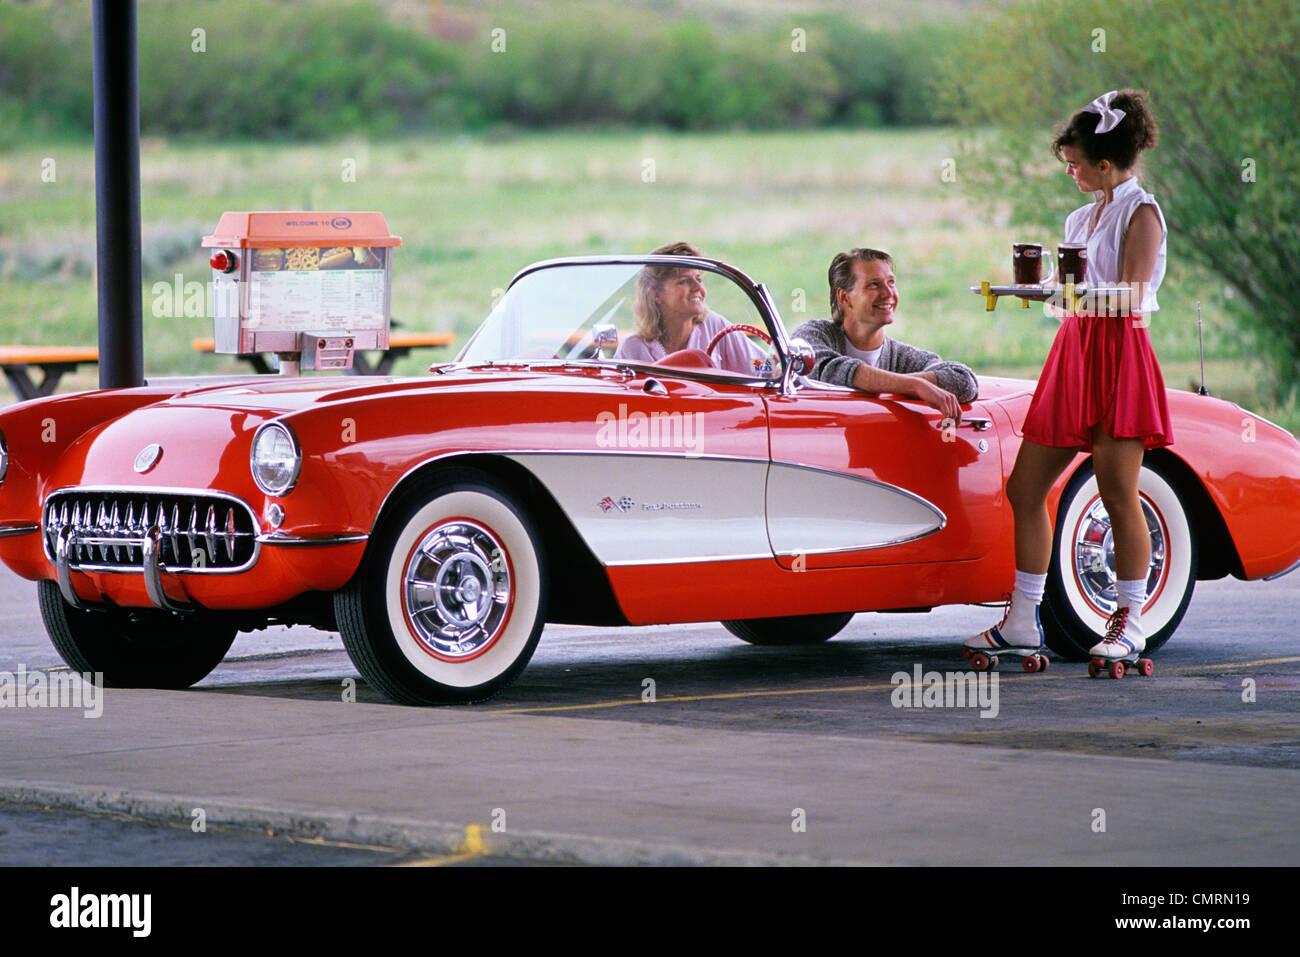 Roller skating visalia - 1960 1960s 1980 1980s Retro Couple Drive In Waitress Roller Skates Server Granby Colorado Stock